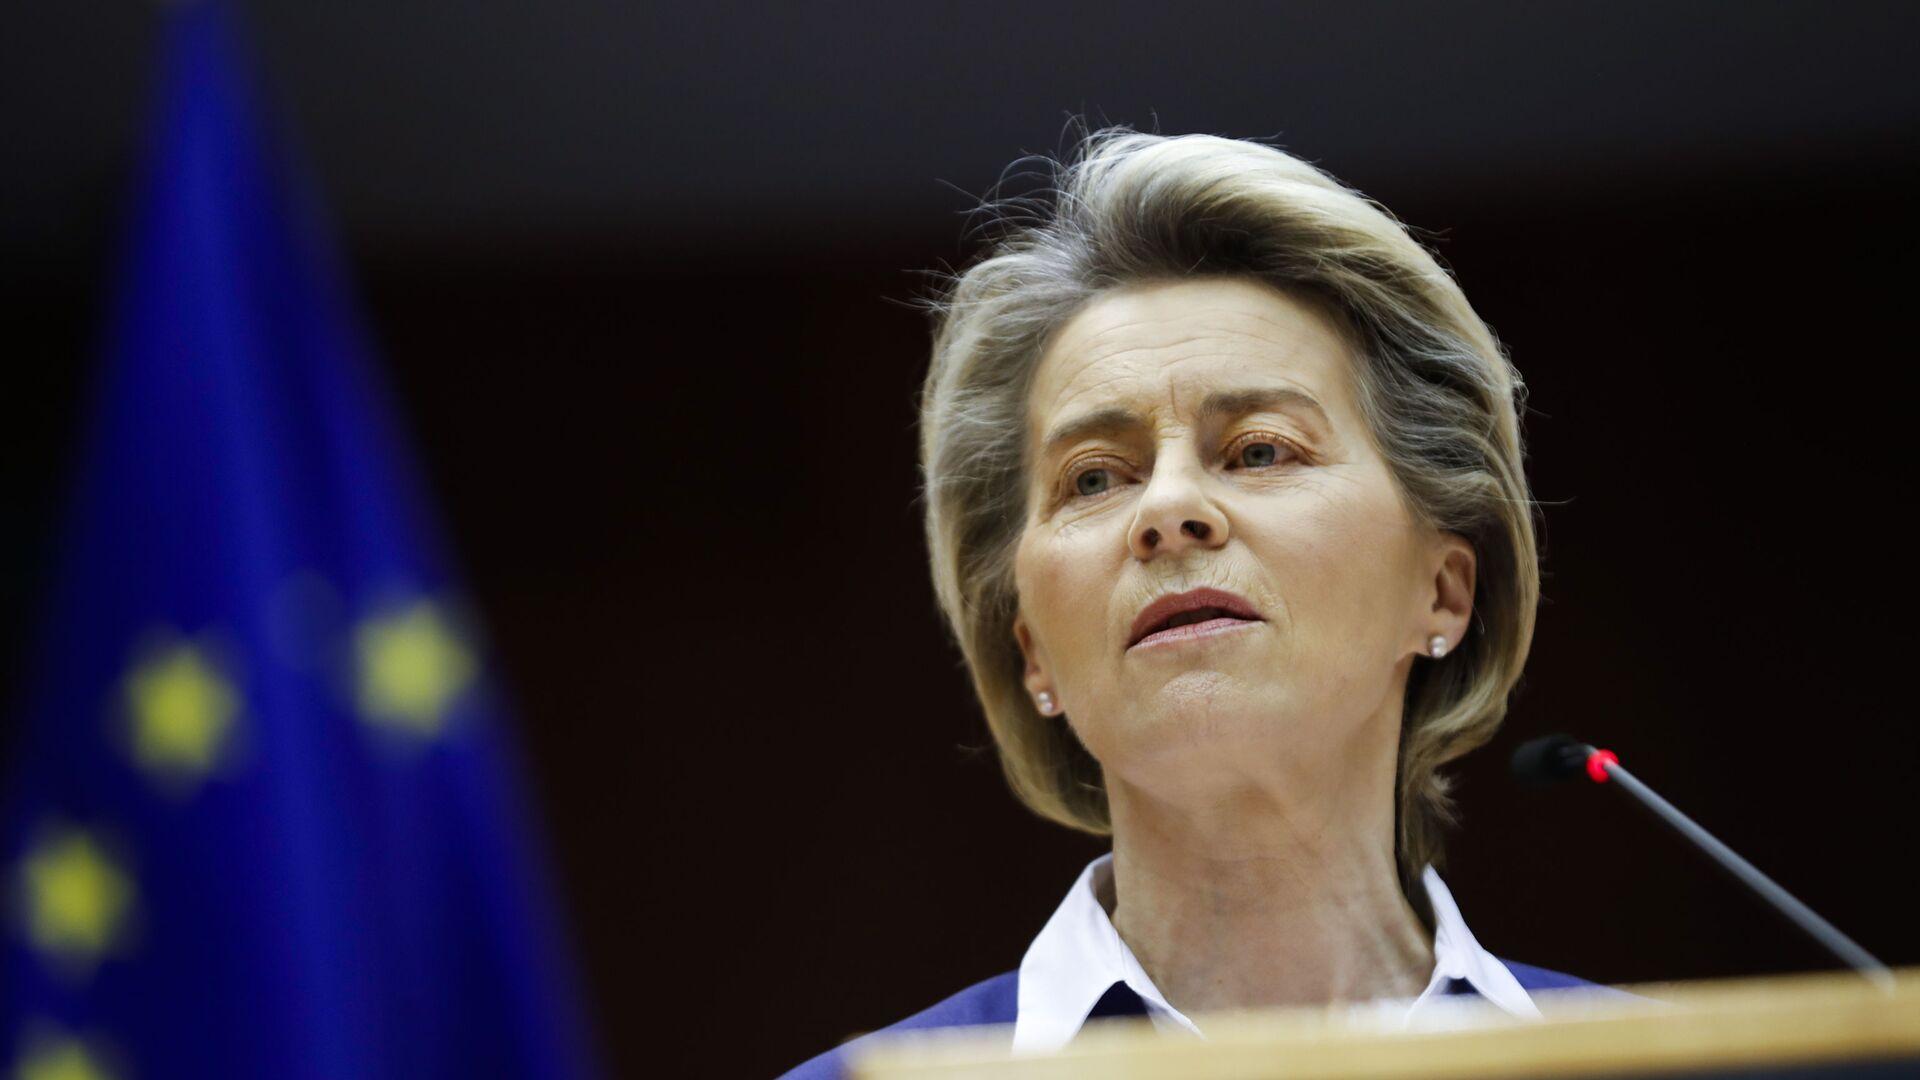 La presidente della Commissione Ursula von der Leyen - Sputnik Italia, 1920, 01.05.2021